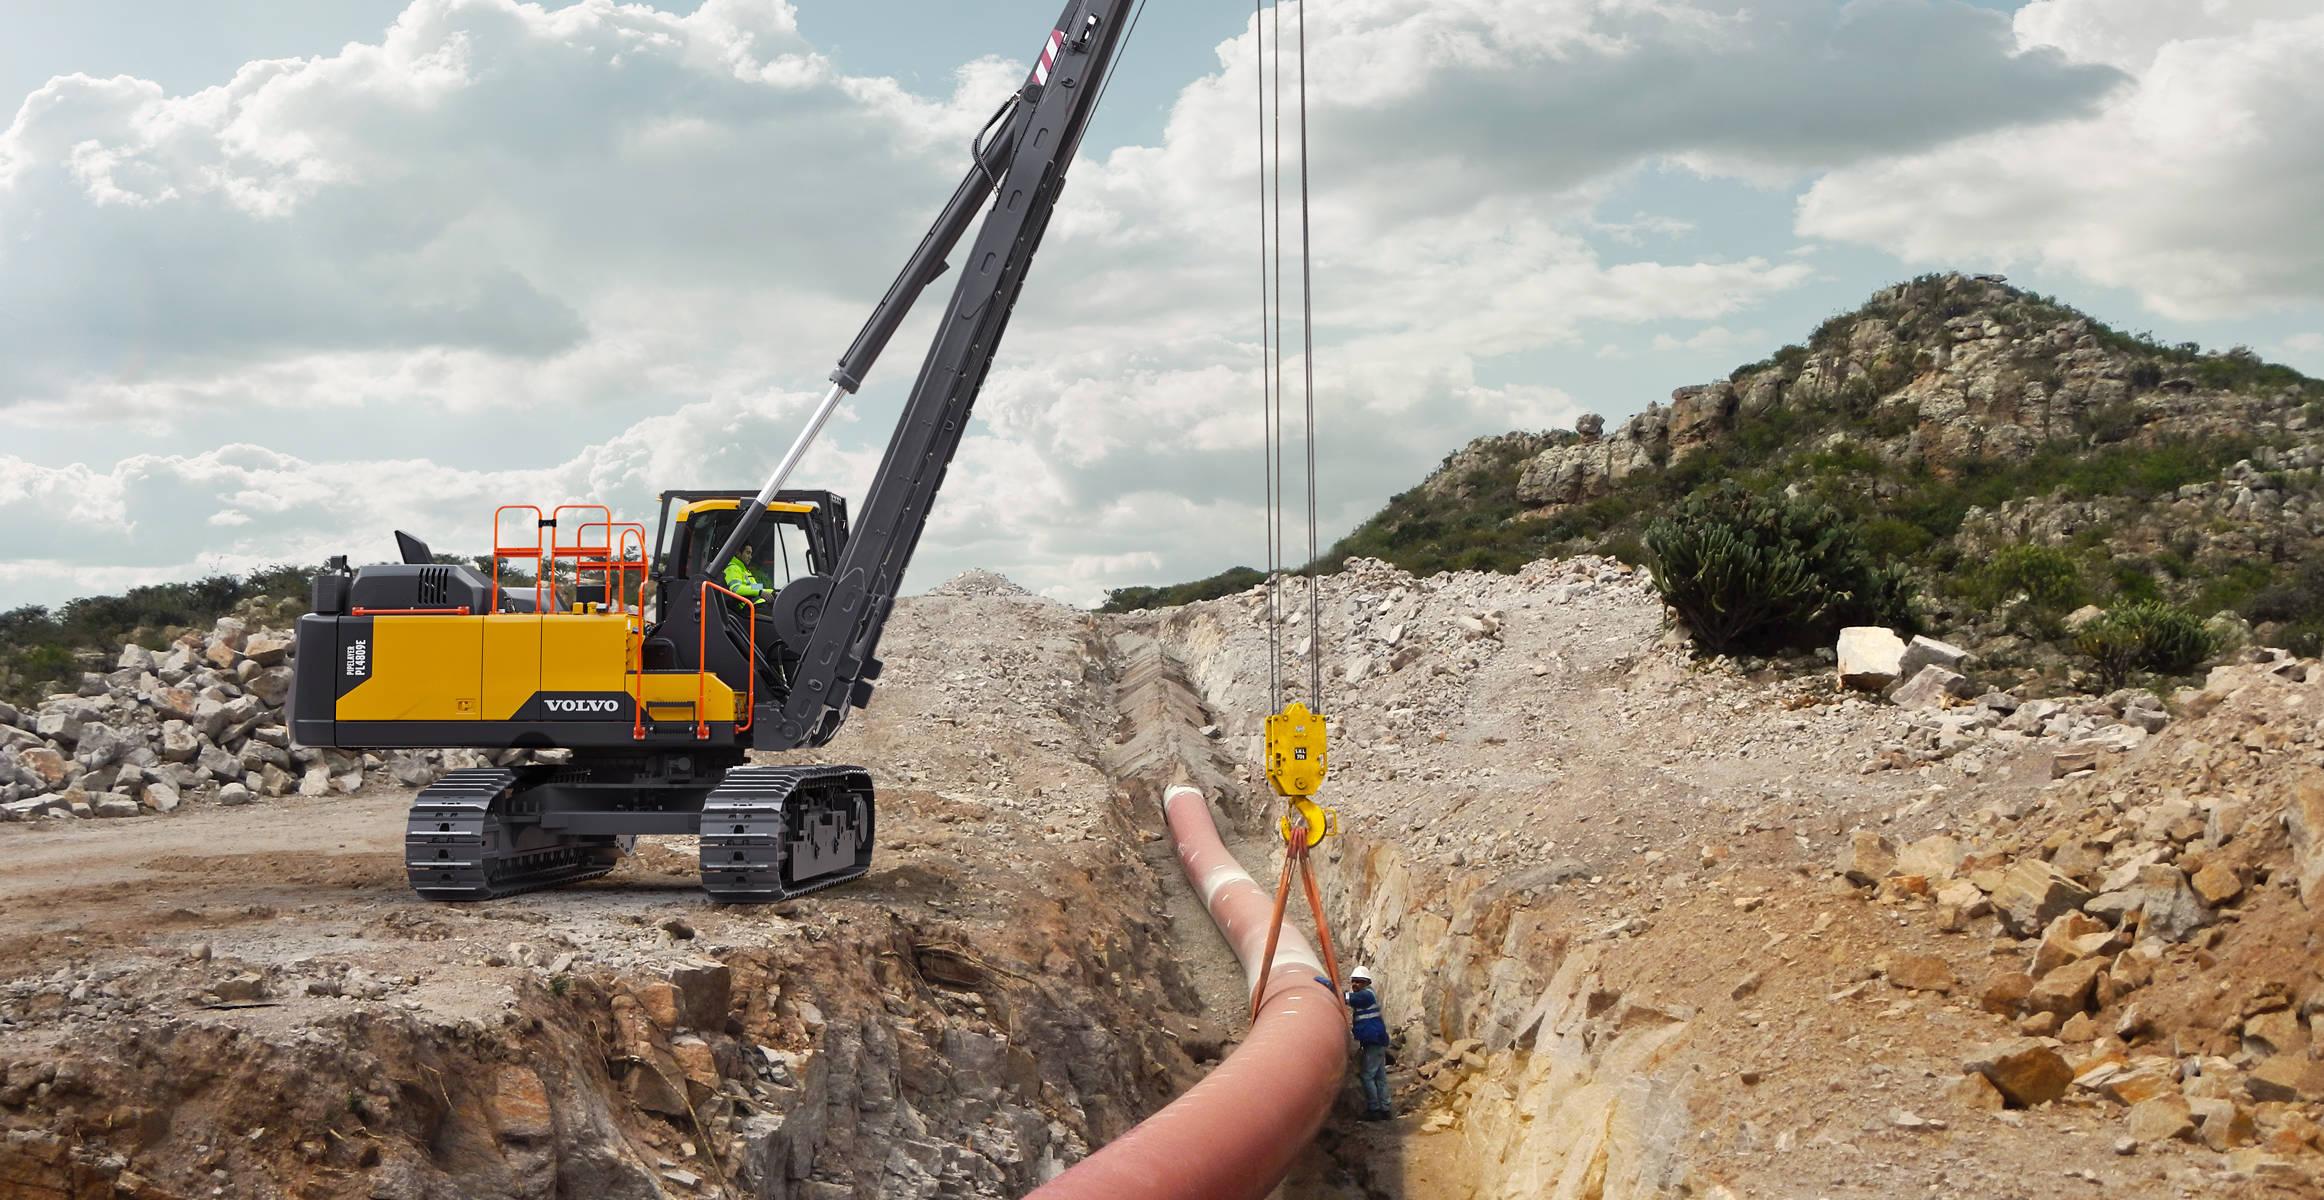 pale grandi le ammiraglie Volvo-benefits-pipelayer-pl4809e-t4f-infinite-placement-possibilities-2324x1200